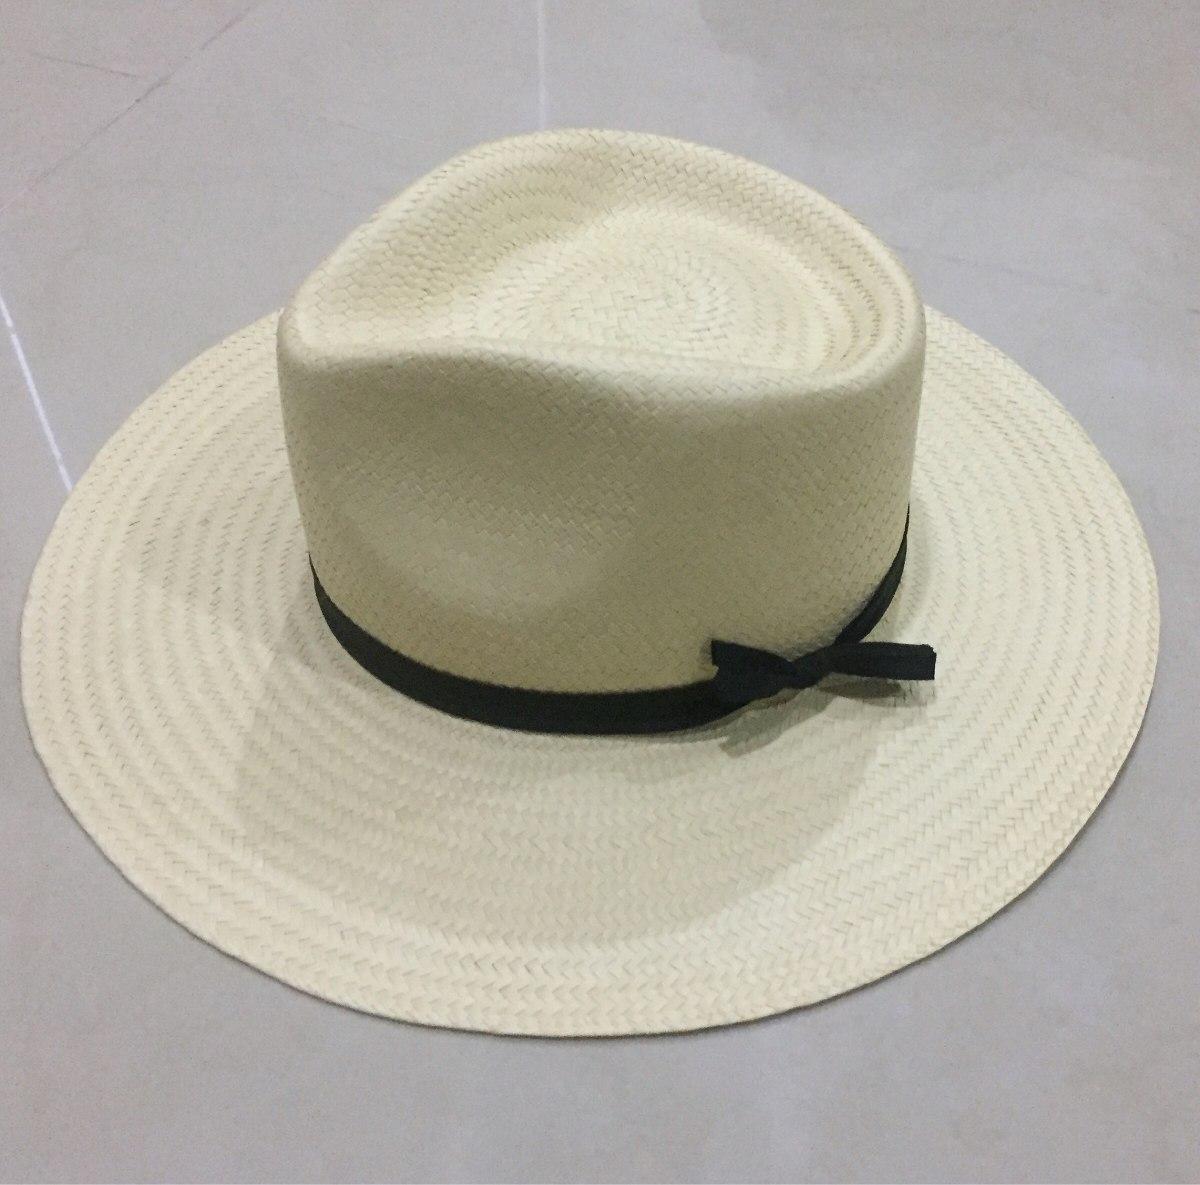 5ec6c184e6c4d Sombrero Panameño De Palma Hecho A Mano Yucateco -   550.00 en ...